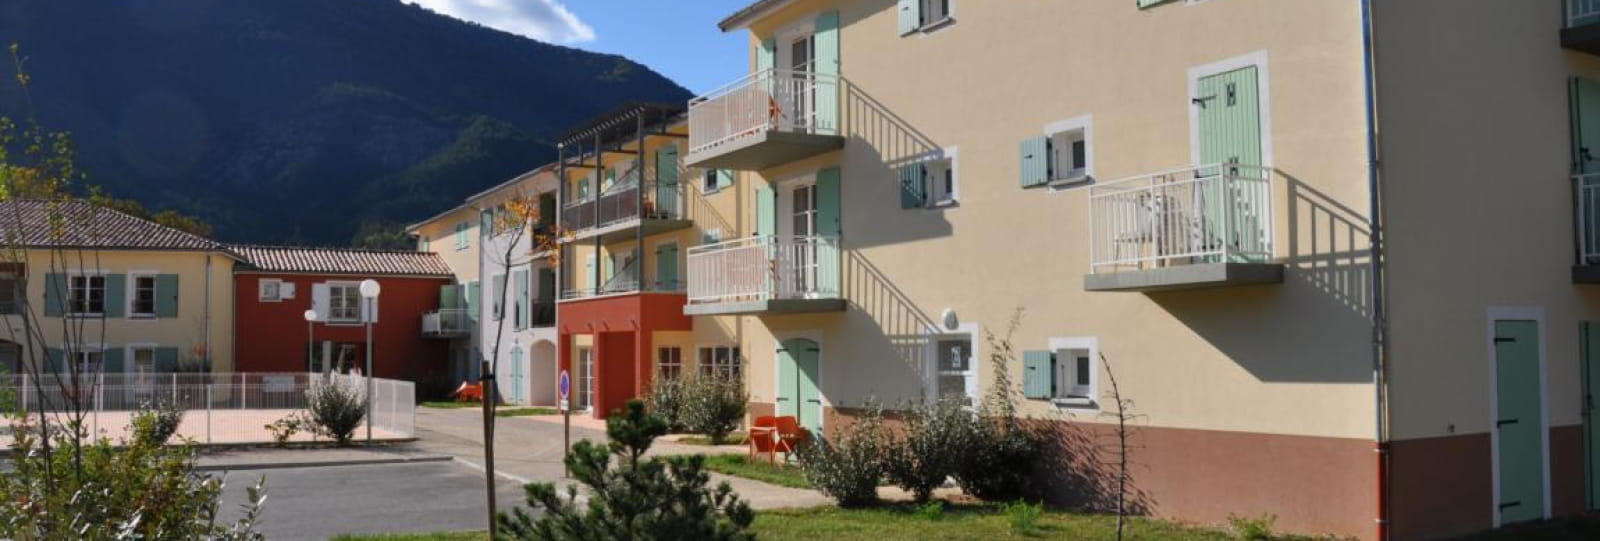 Vercors Park Residence T1